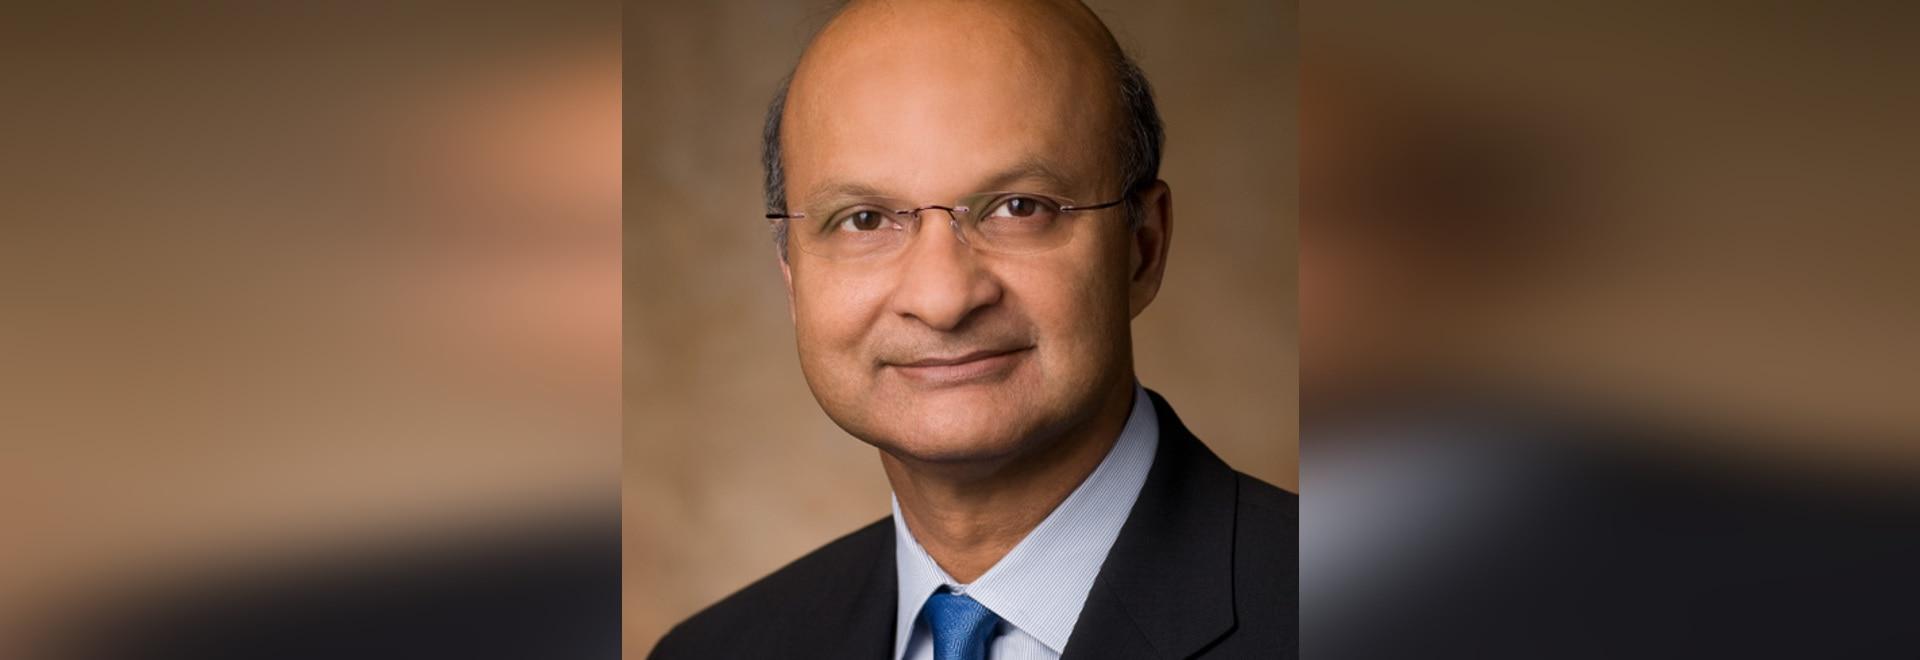 Comment le Président de Medtronic regarde-t-il le marché indien de Medtech ?